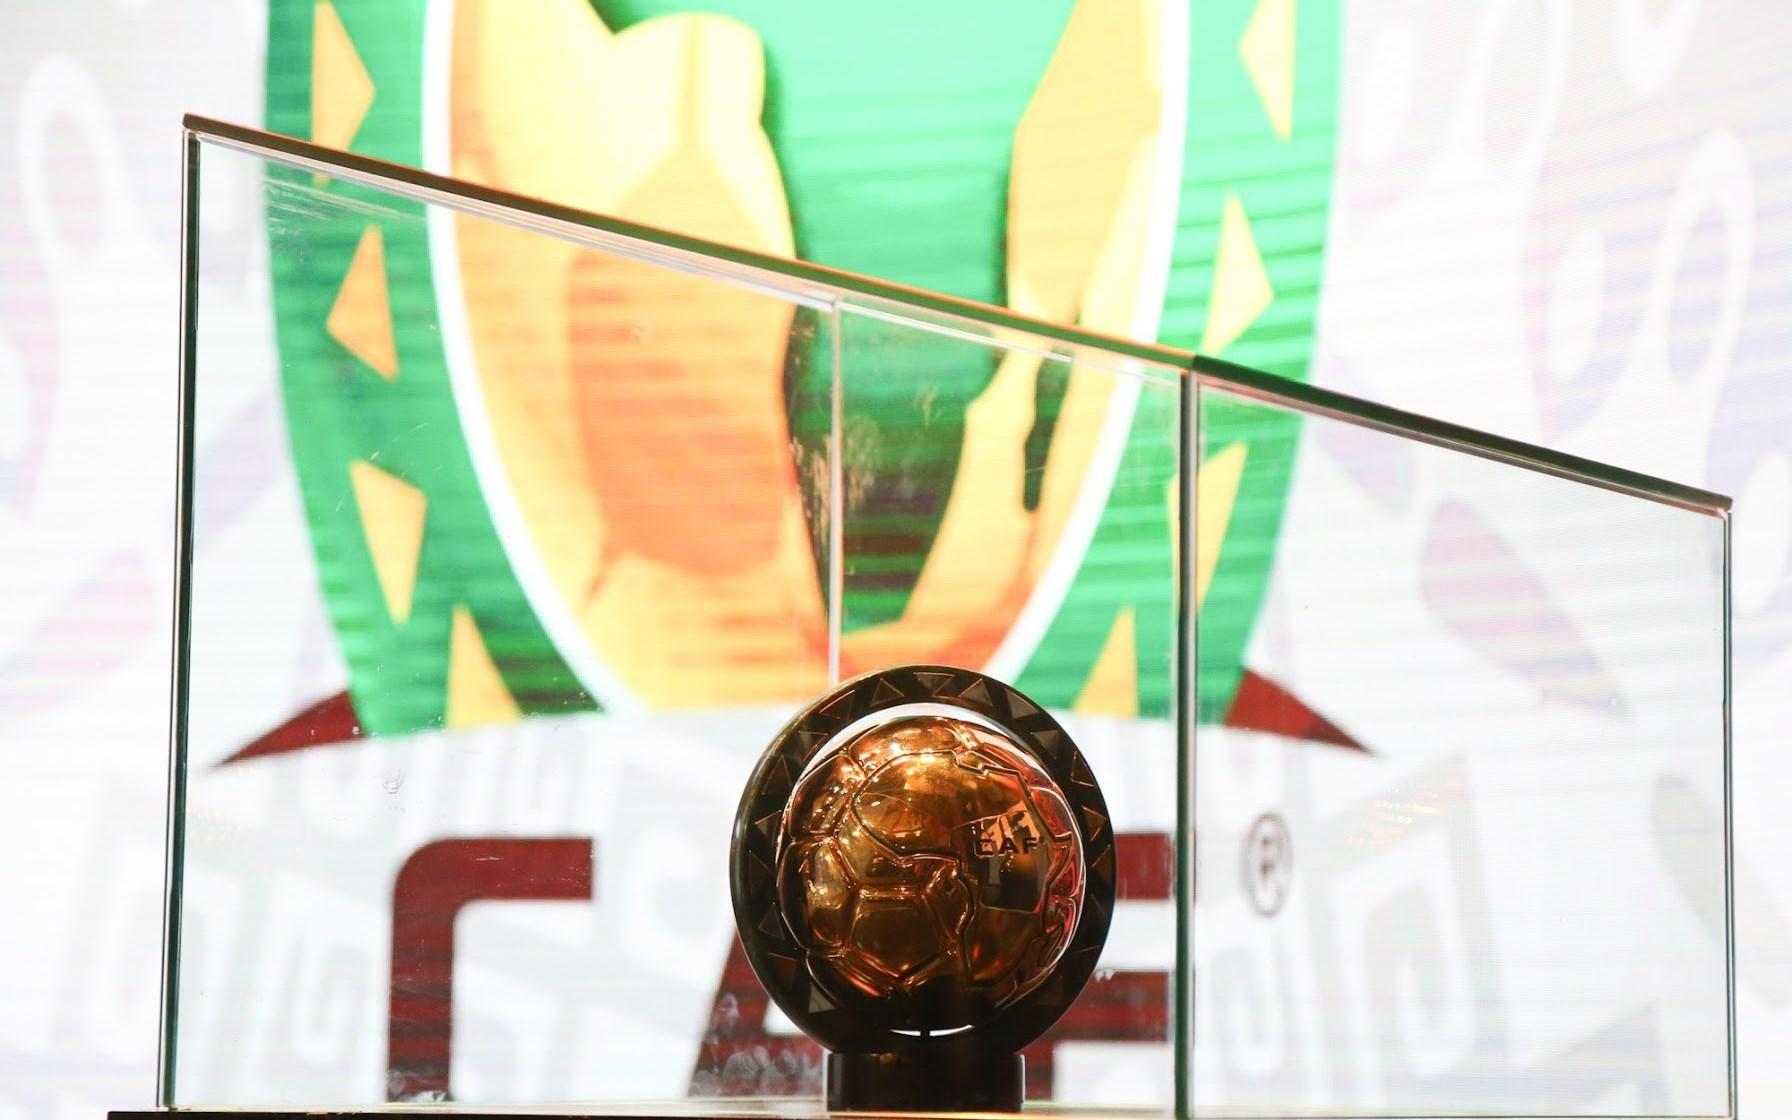 منافسة قوية بين محرز وصلاح وماني على جائزة أفضل لاعب في أفريقيا